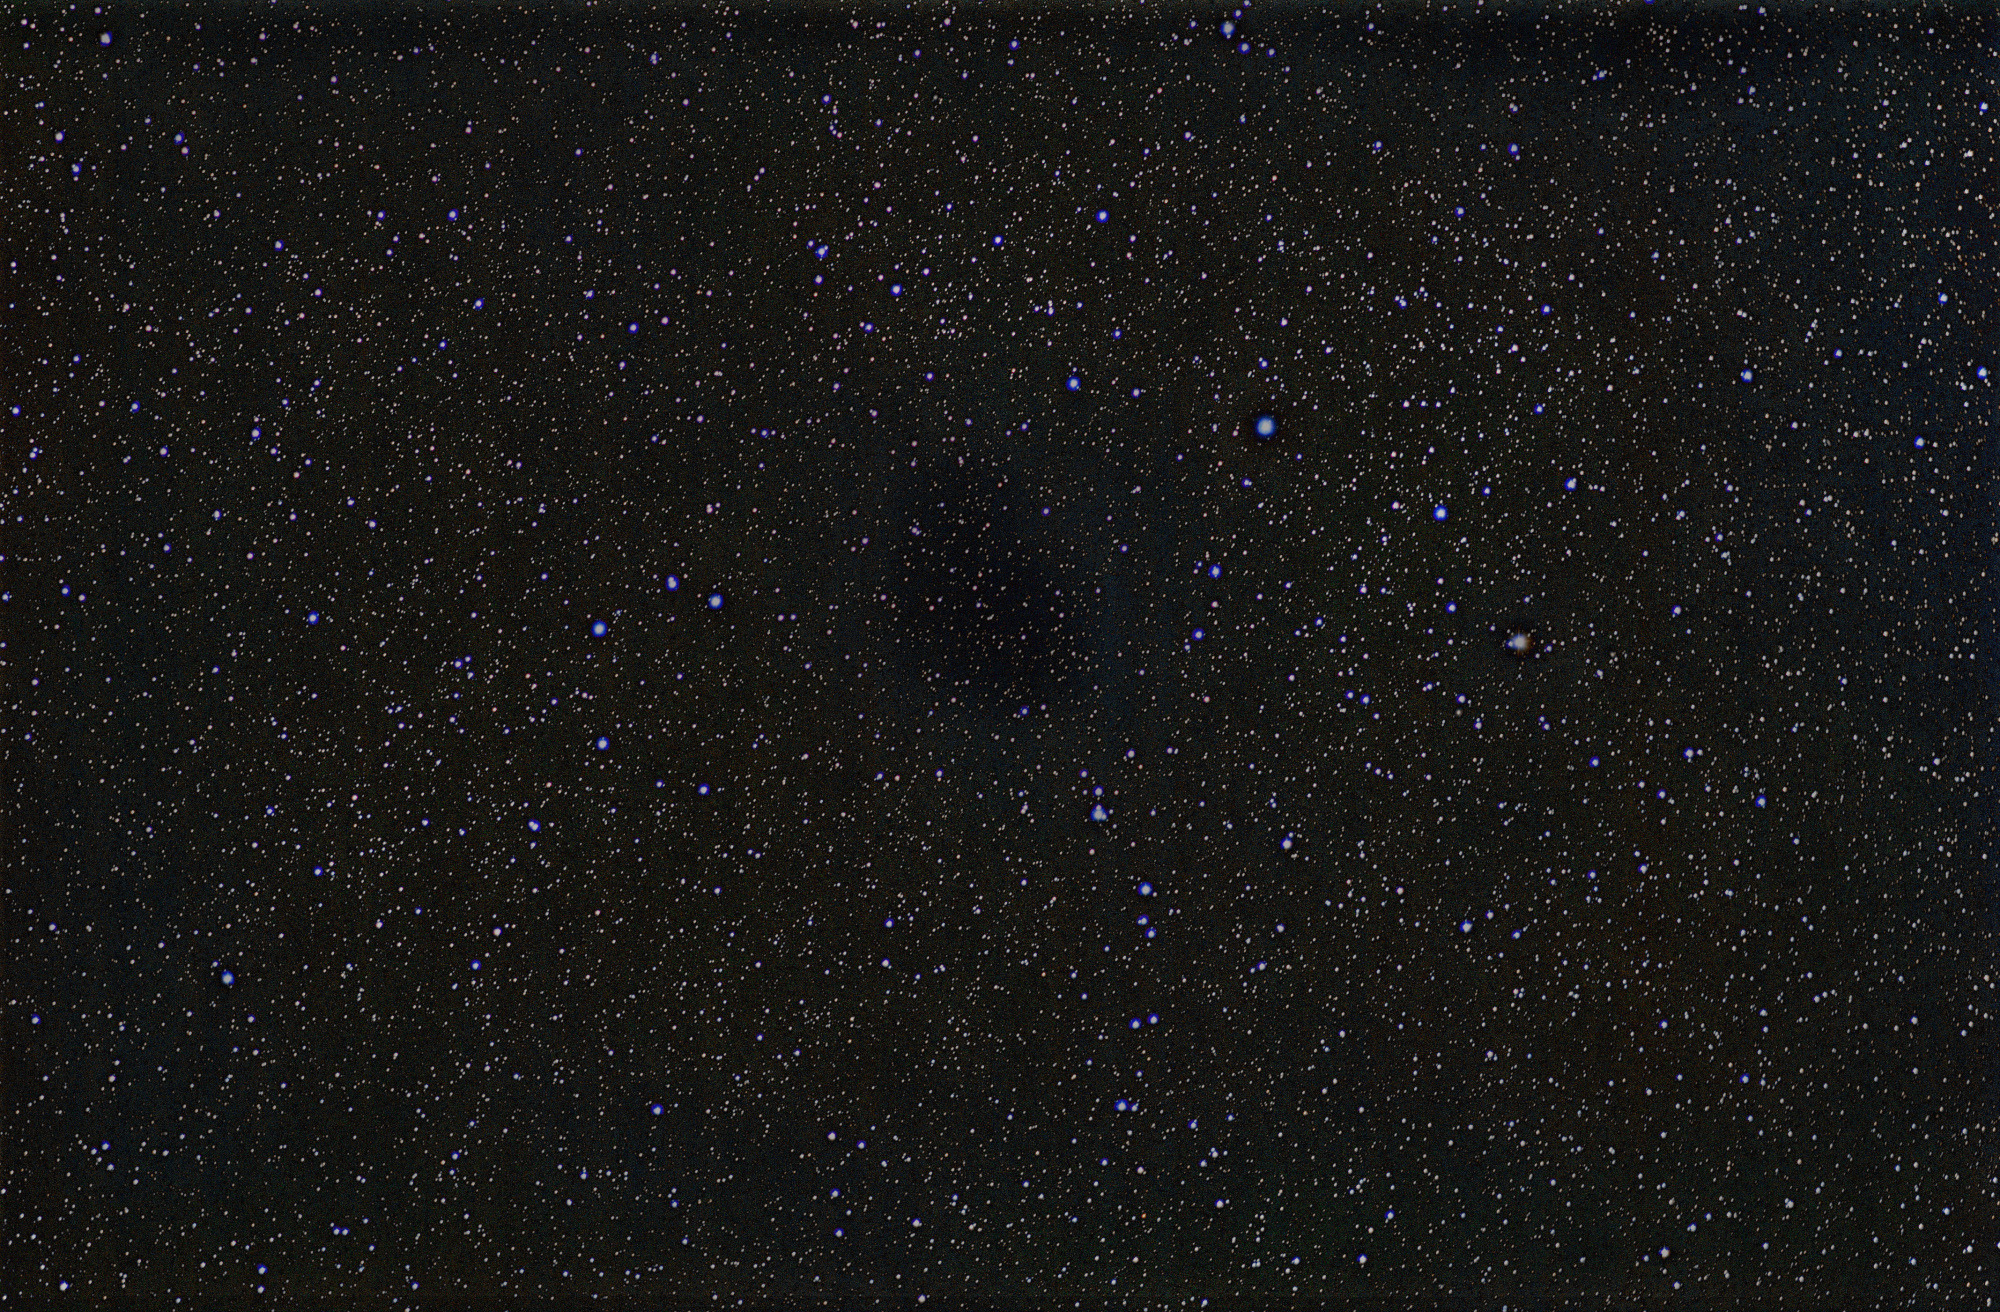 Comete_289P-Blanpain.thumb.jpg.54b8cd64bfae989a7f5c25021aa952ba.jpg